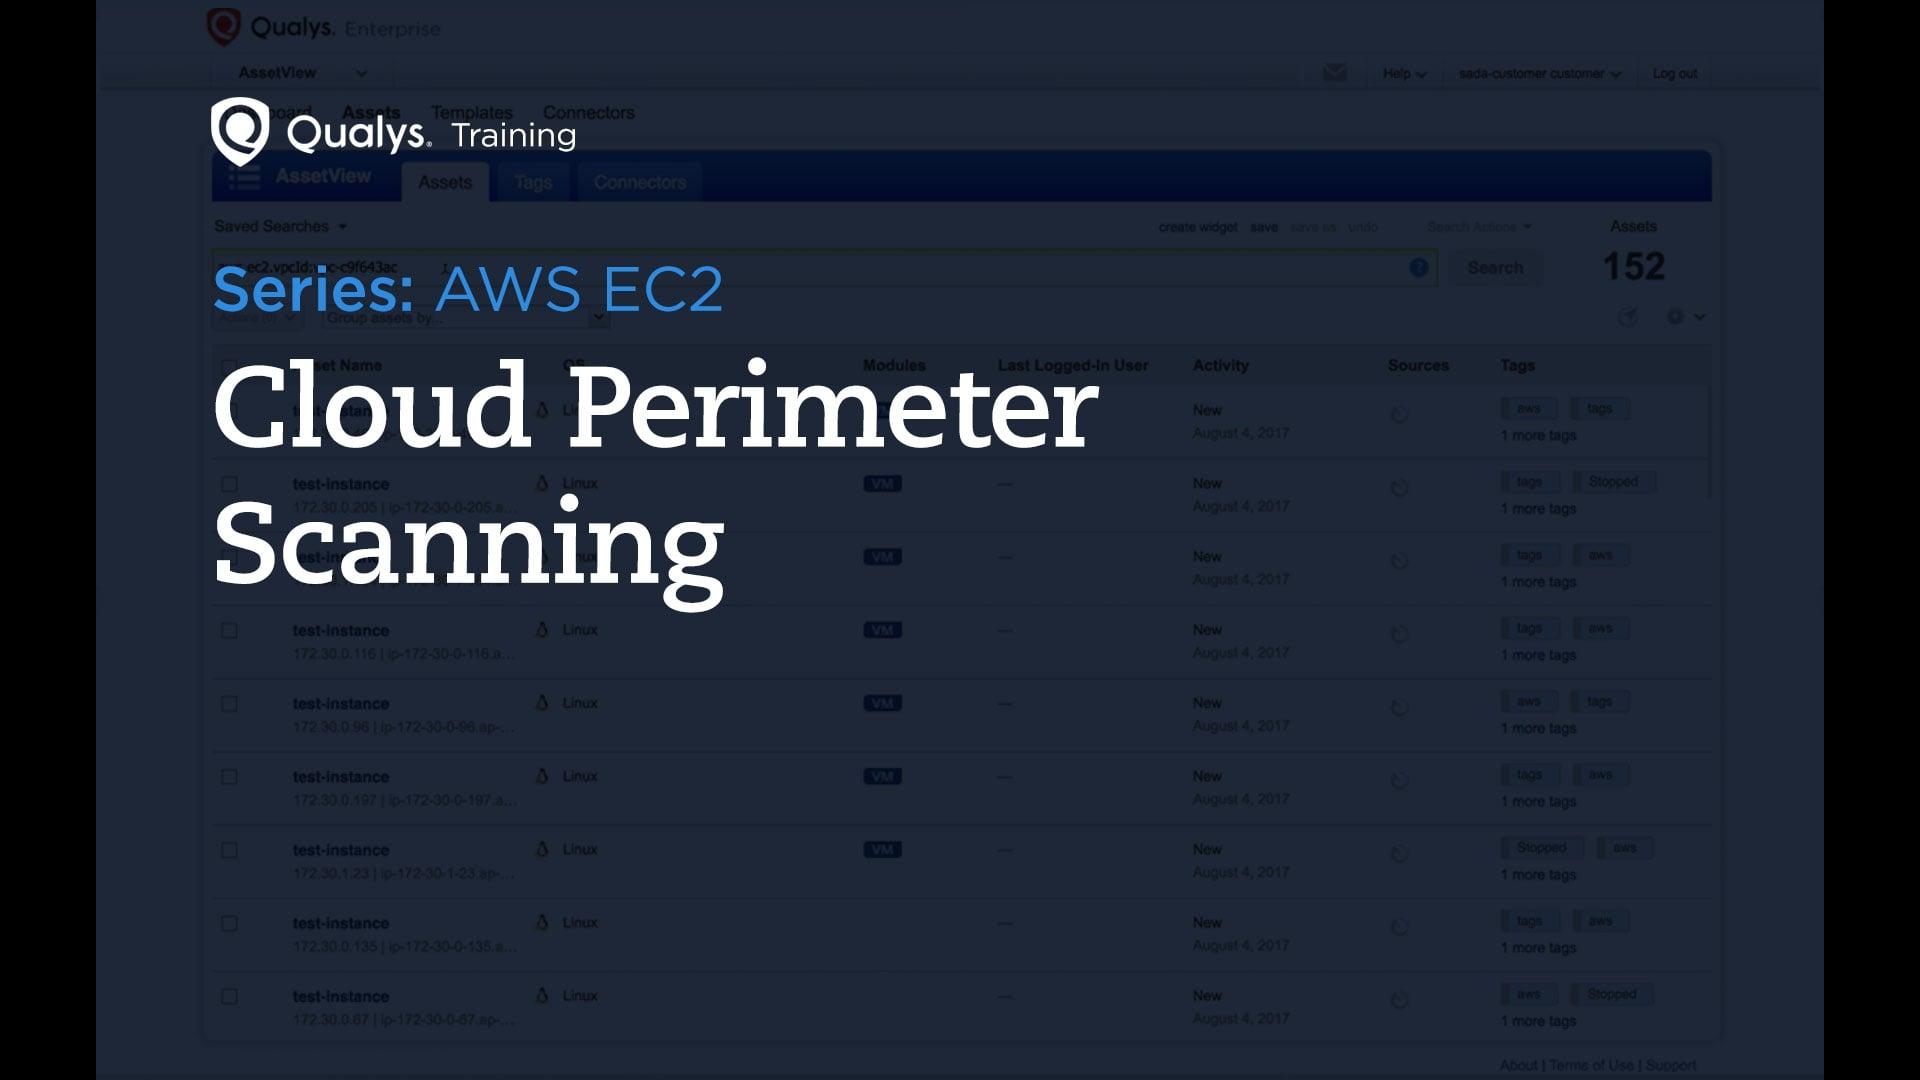 Cloud Perimeter Scanning